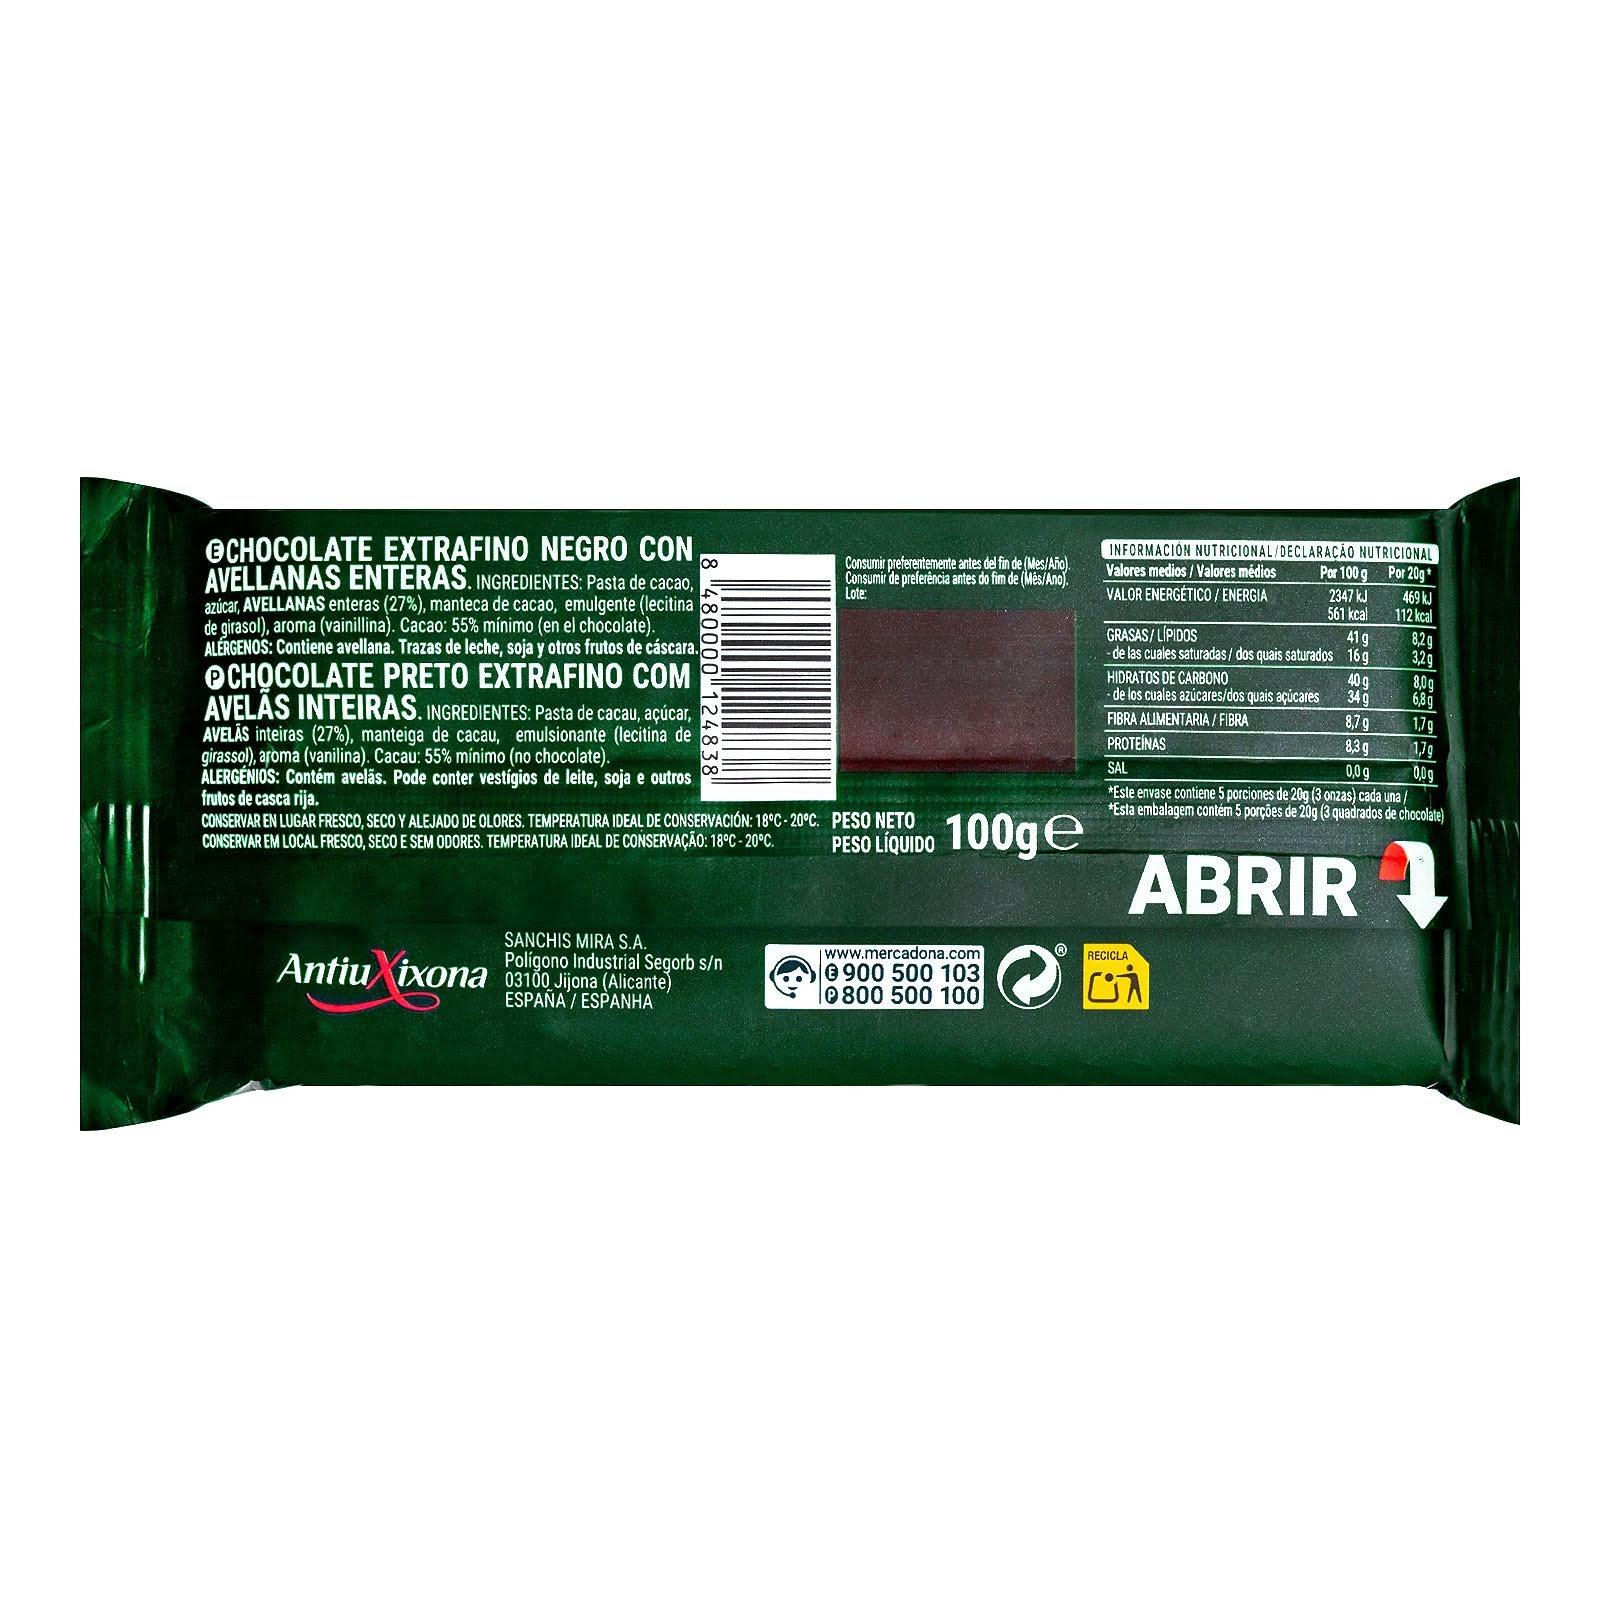 Chocolate negro con avellanas enteras Hacendado